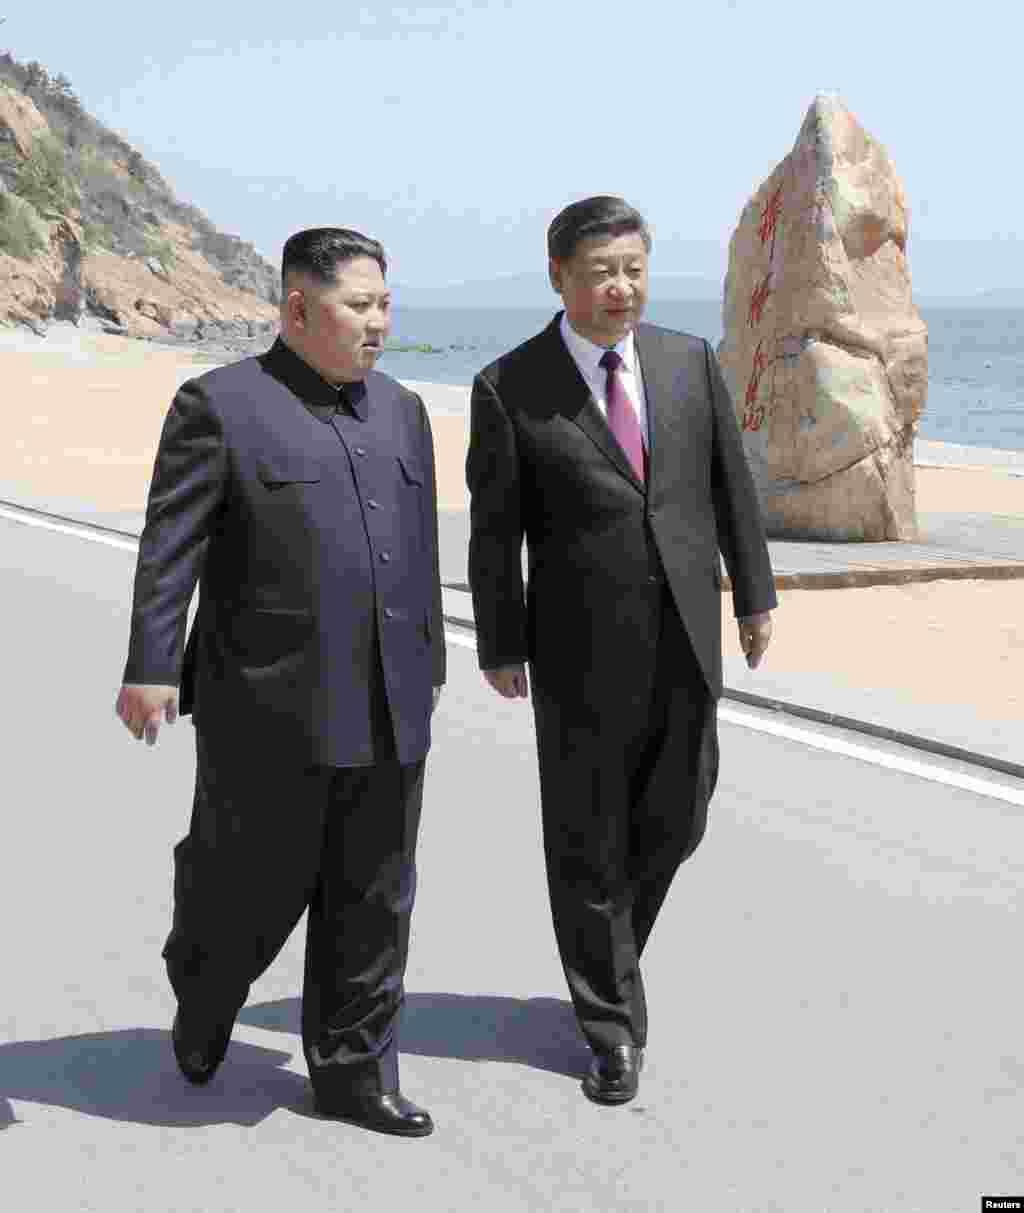 КИНА - Кинескиот претседател Кси Џинпинг се сретнал со лидерот на Северна Кореја, Ким Џон Ун во градот Далиан на ненајавени разговори пред претстојниот самит со американскиот претседател Доналд Трамп.